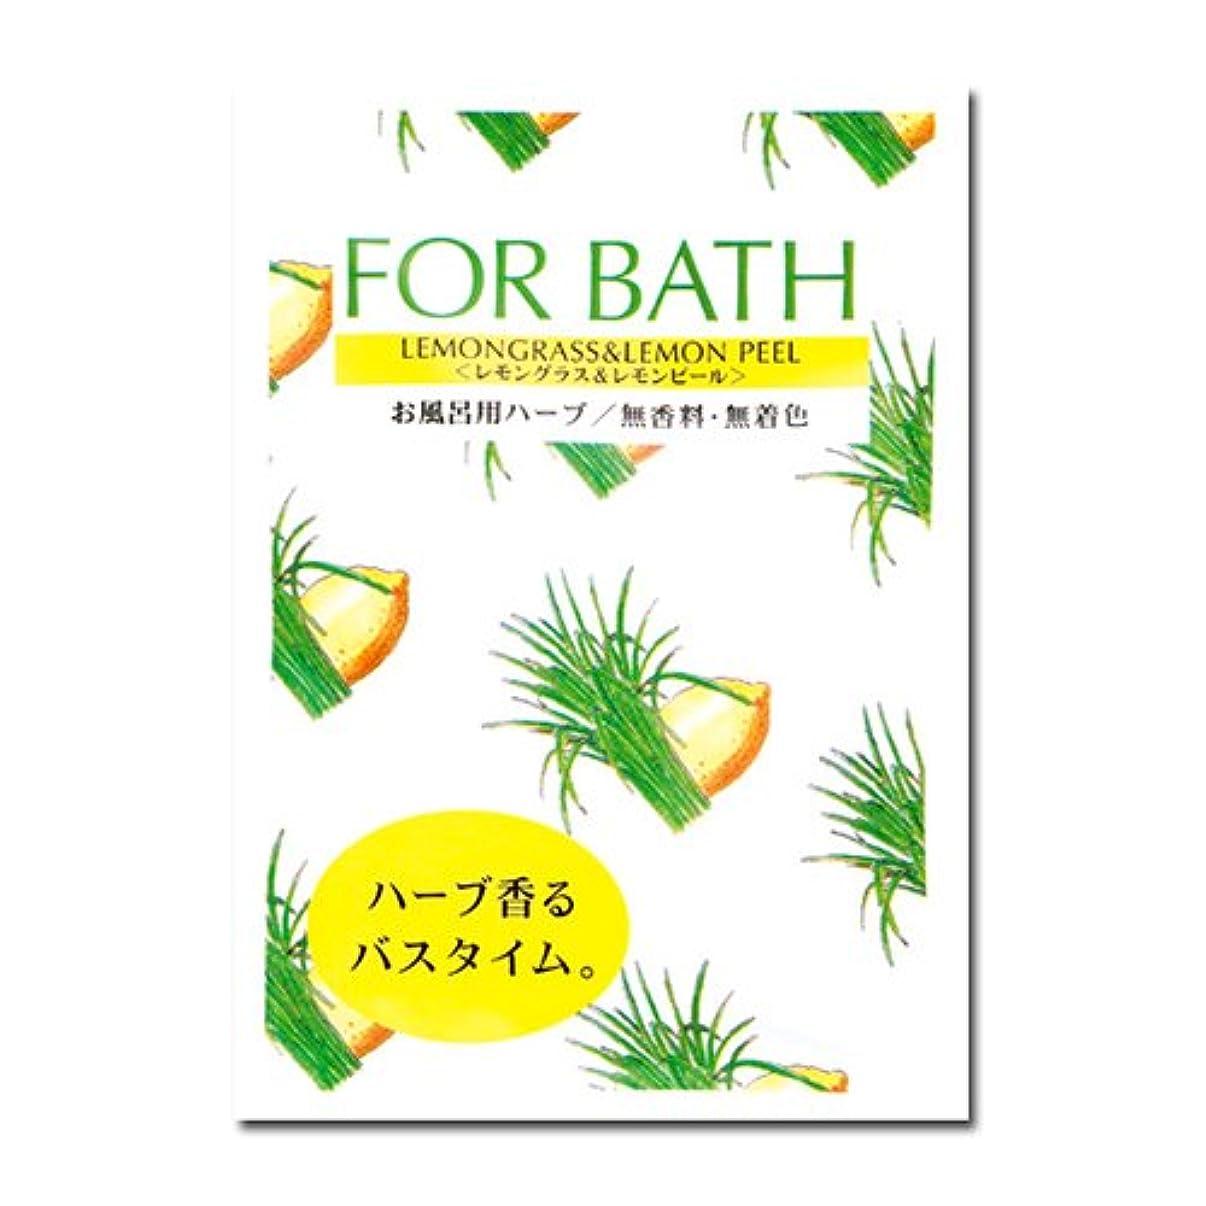 鯨根絶するに同意するフォアバス レモングラス&レモンピールx30袋[フォアバス/入浴剤/ハーブ]